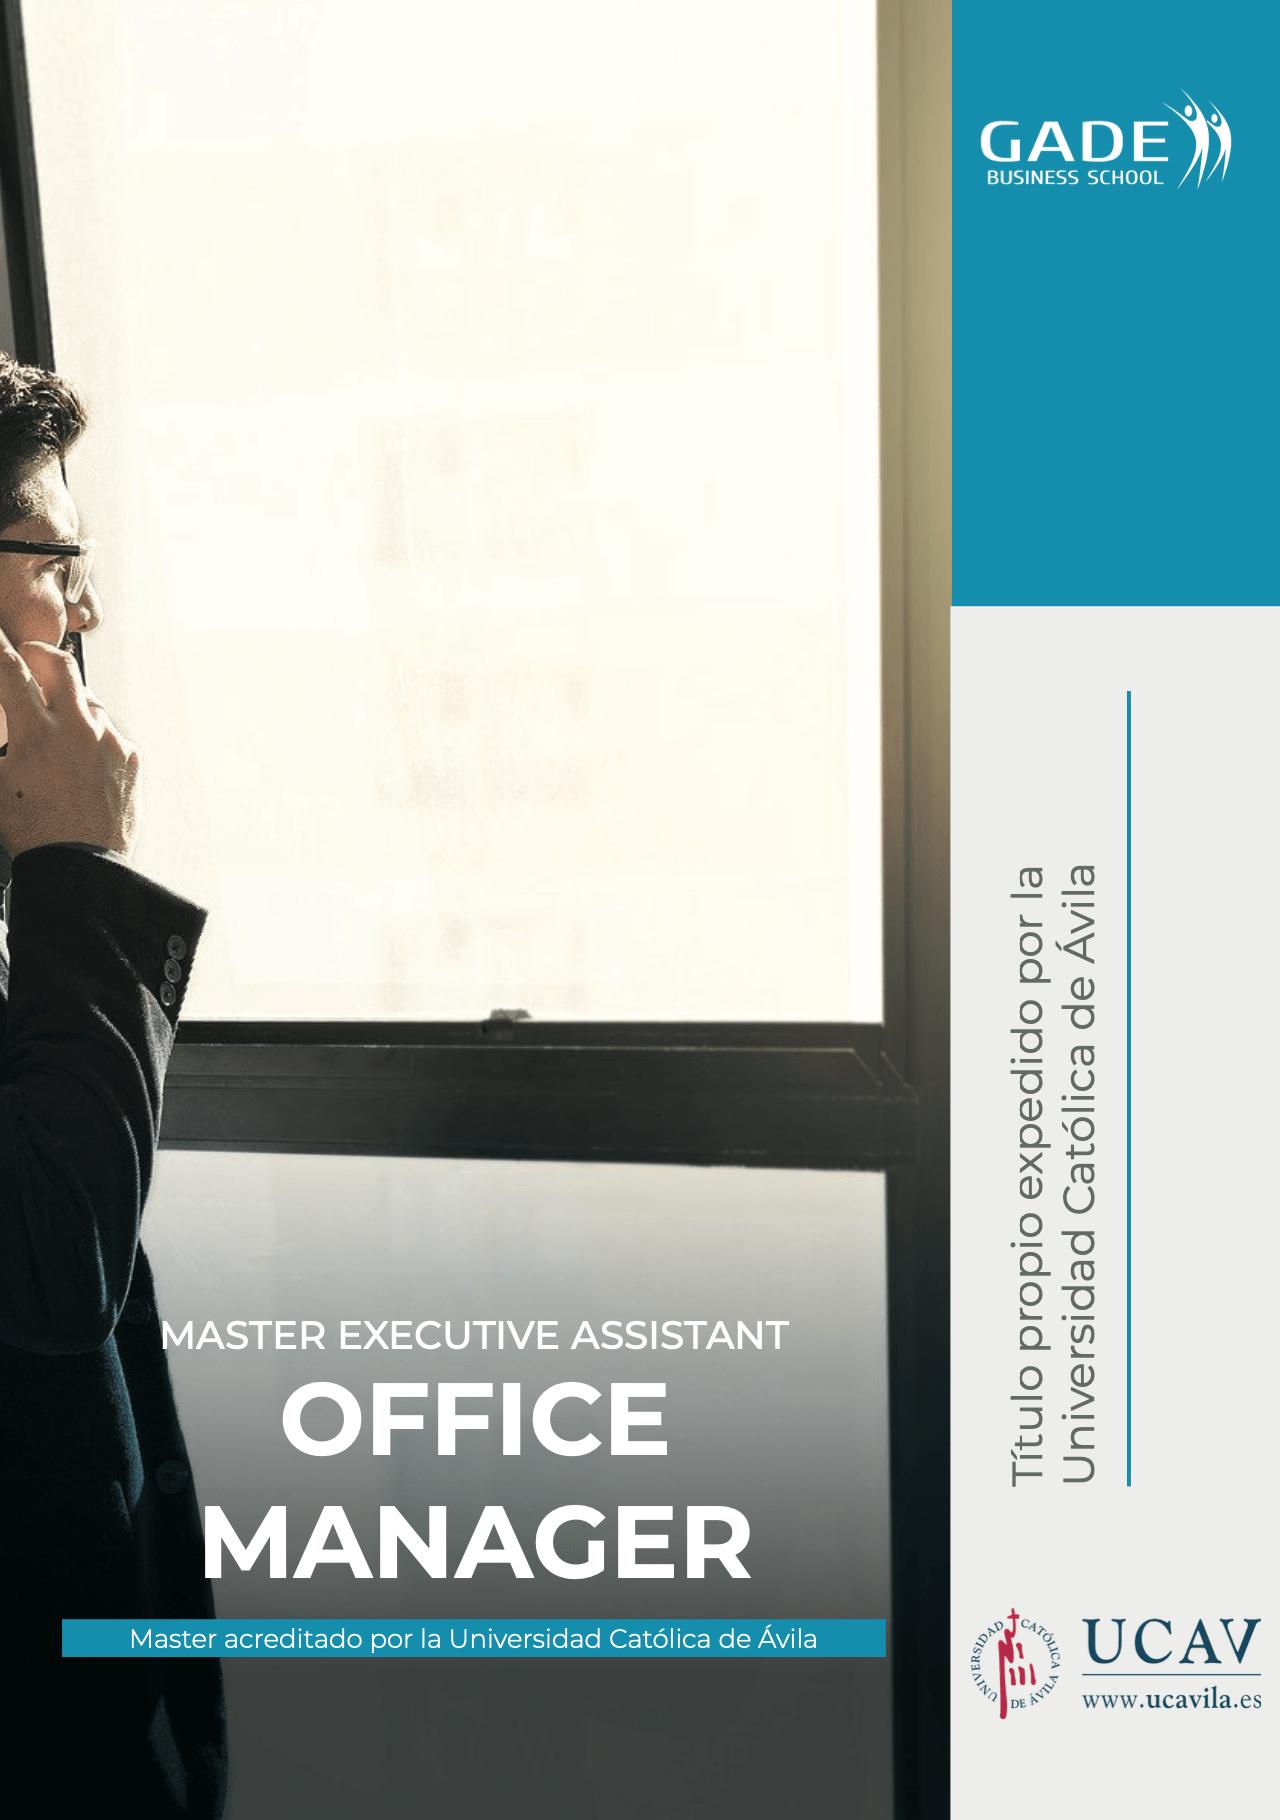 Programa completo - Máster EXECUTIVE ASSISTANT OFFICE MANAGER acreditado por la UCAV